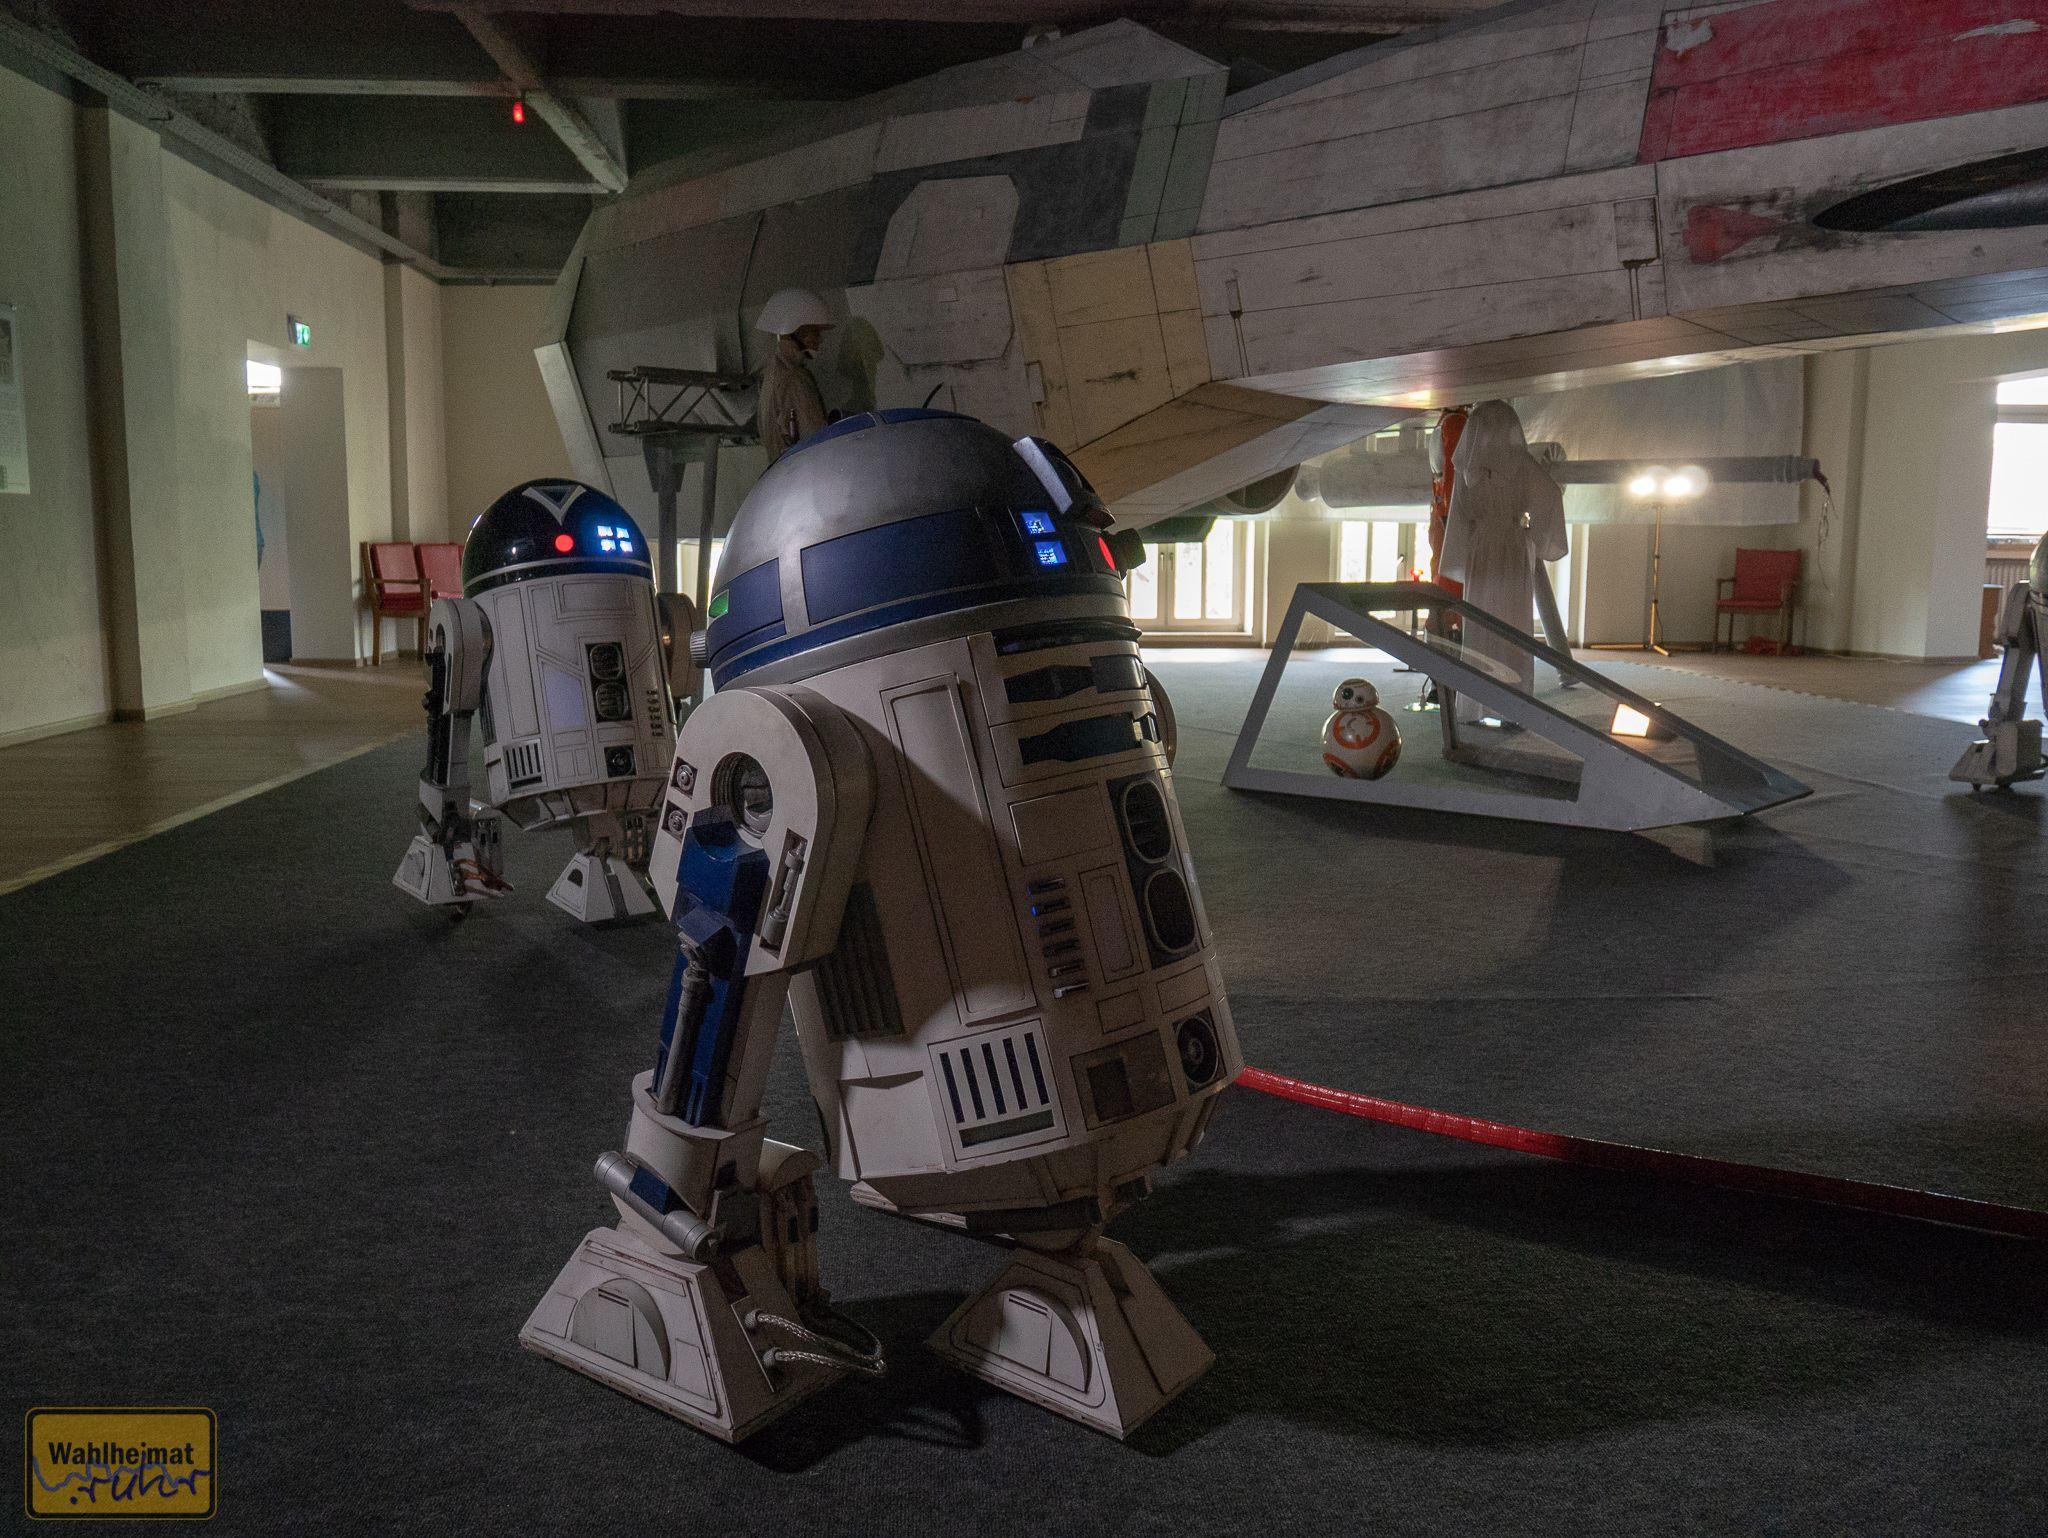 Einige R2-Modelle umrunden das Schiff.